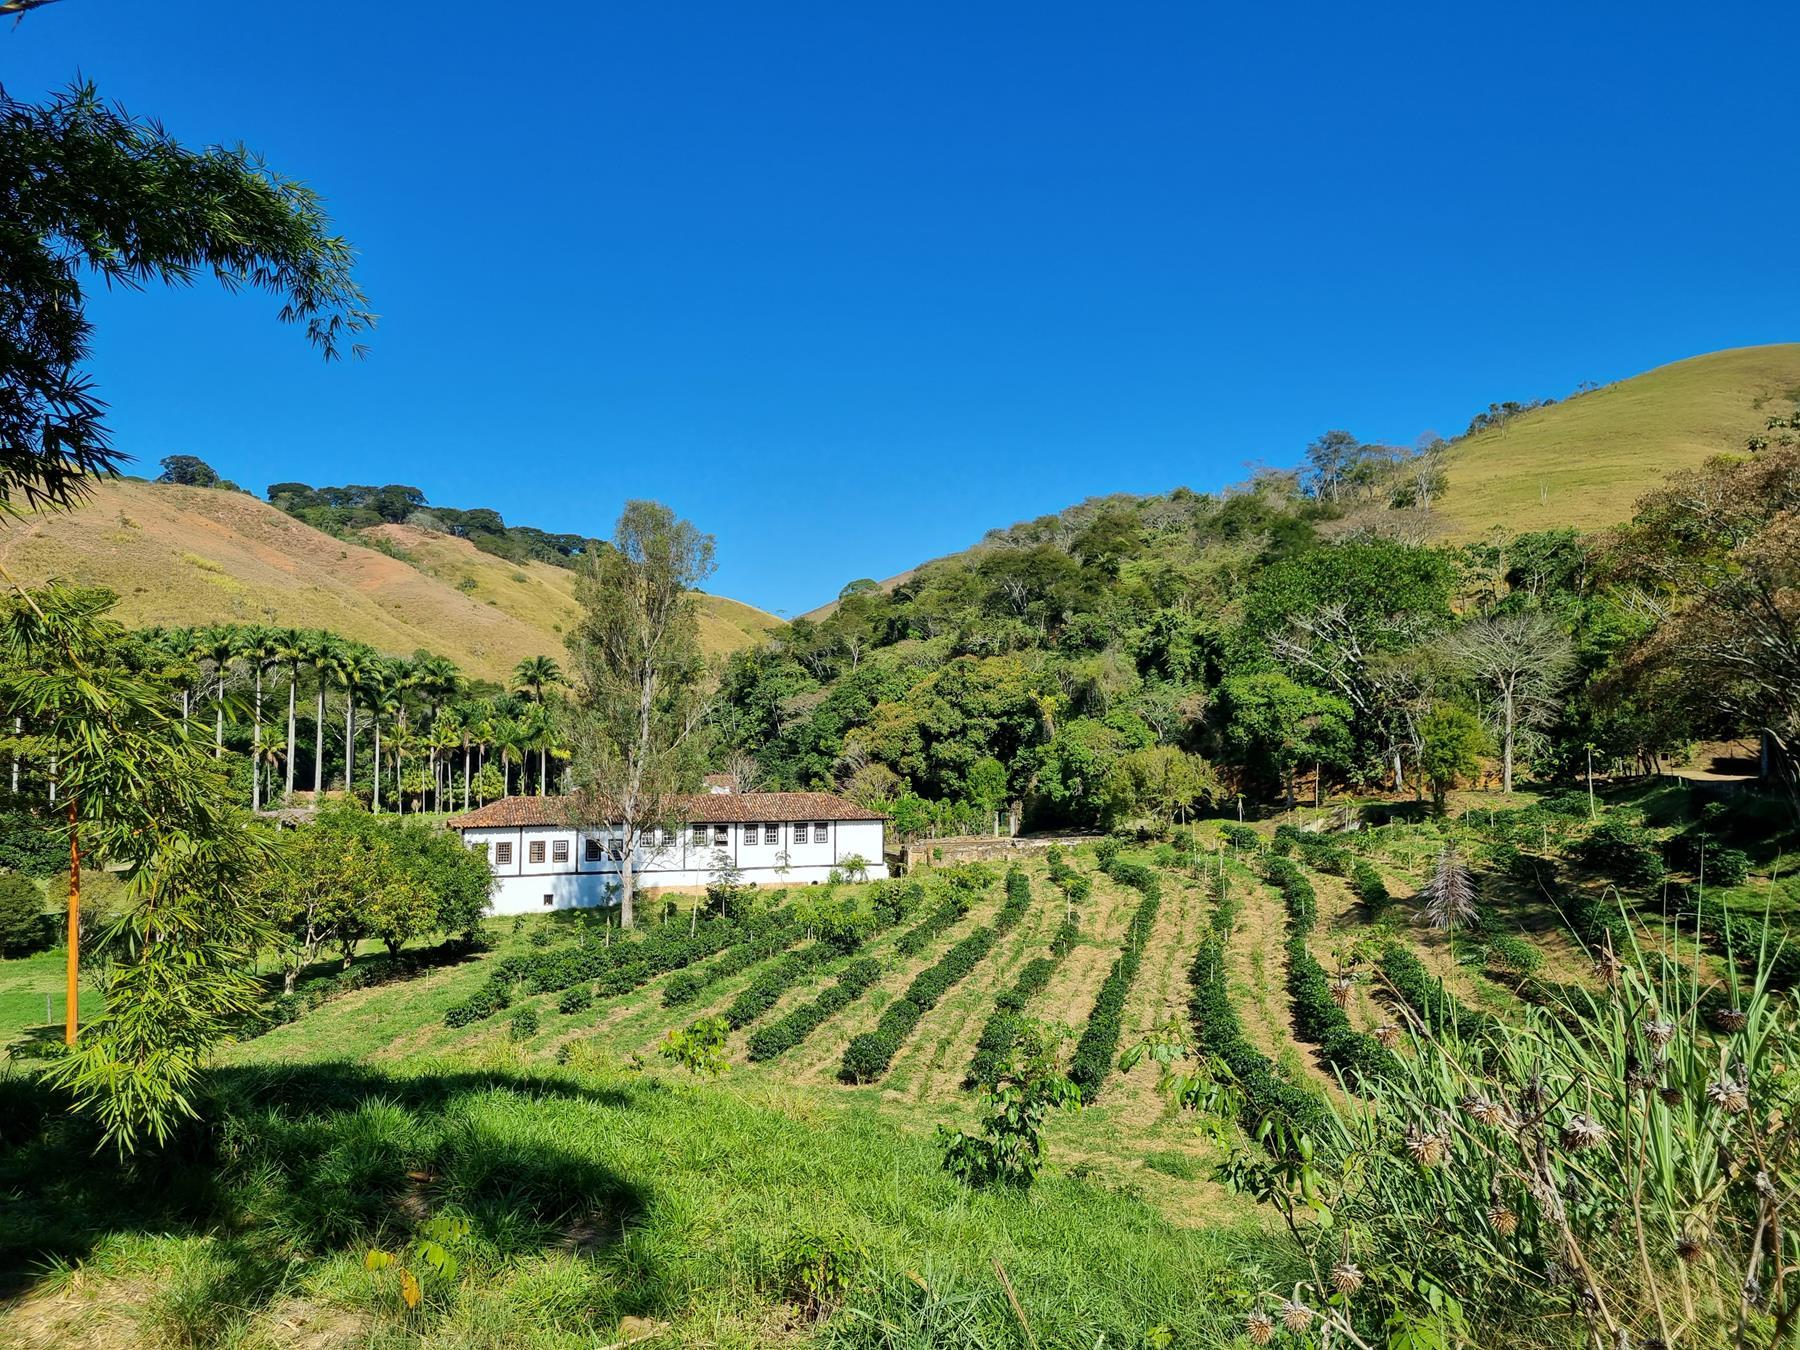 Fazenda Alliança no Vale do Café